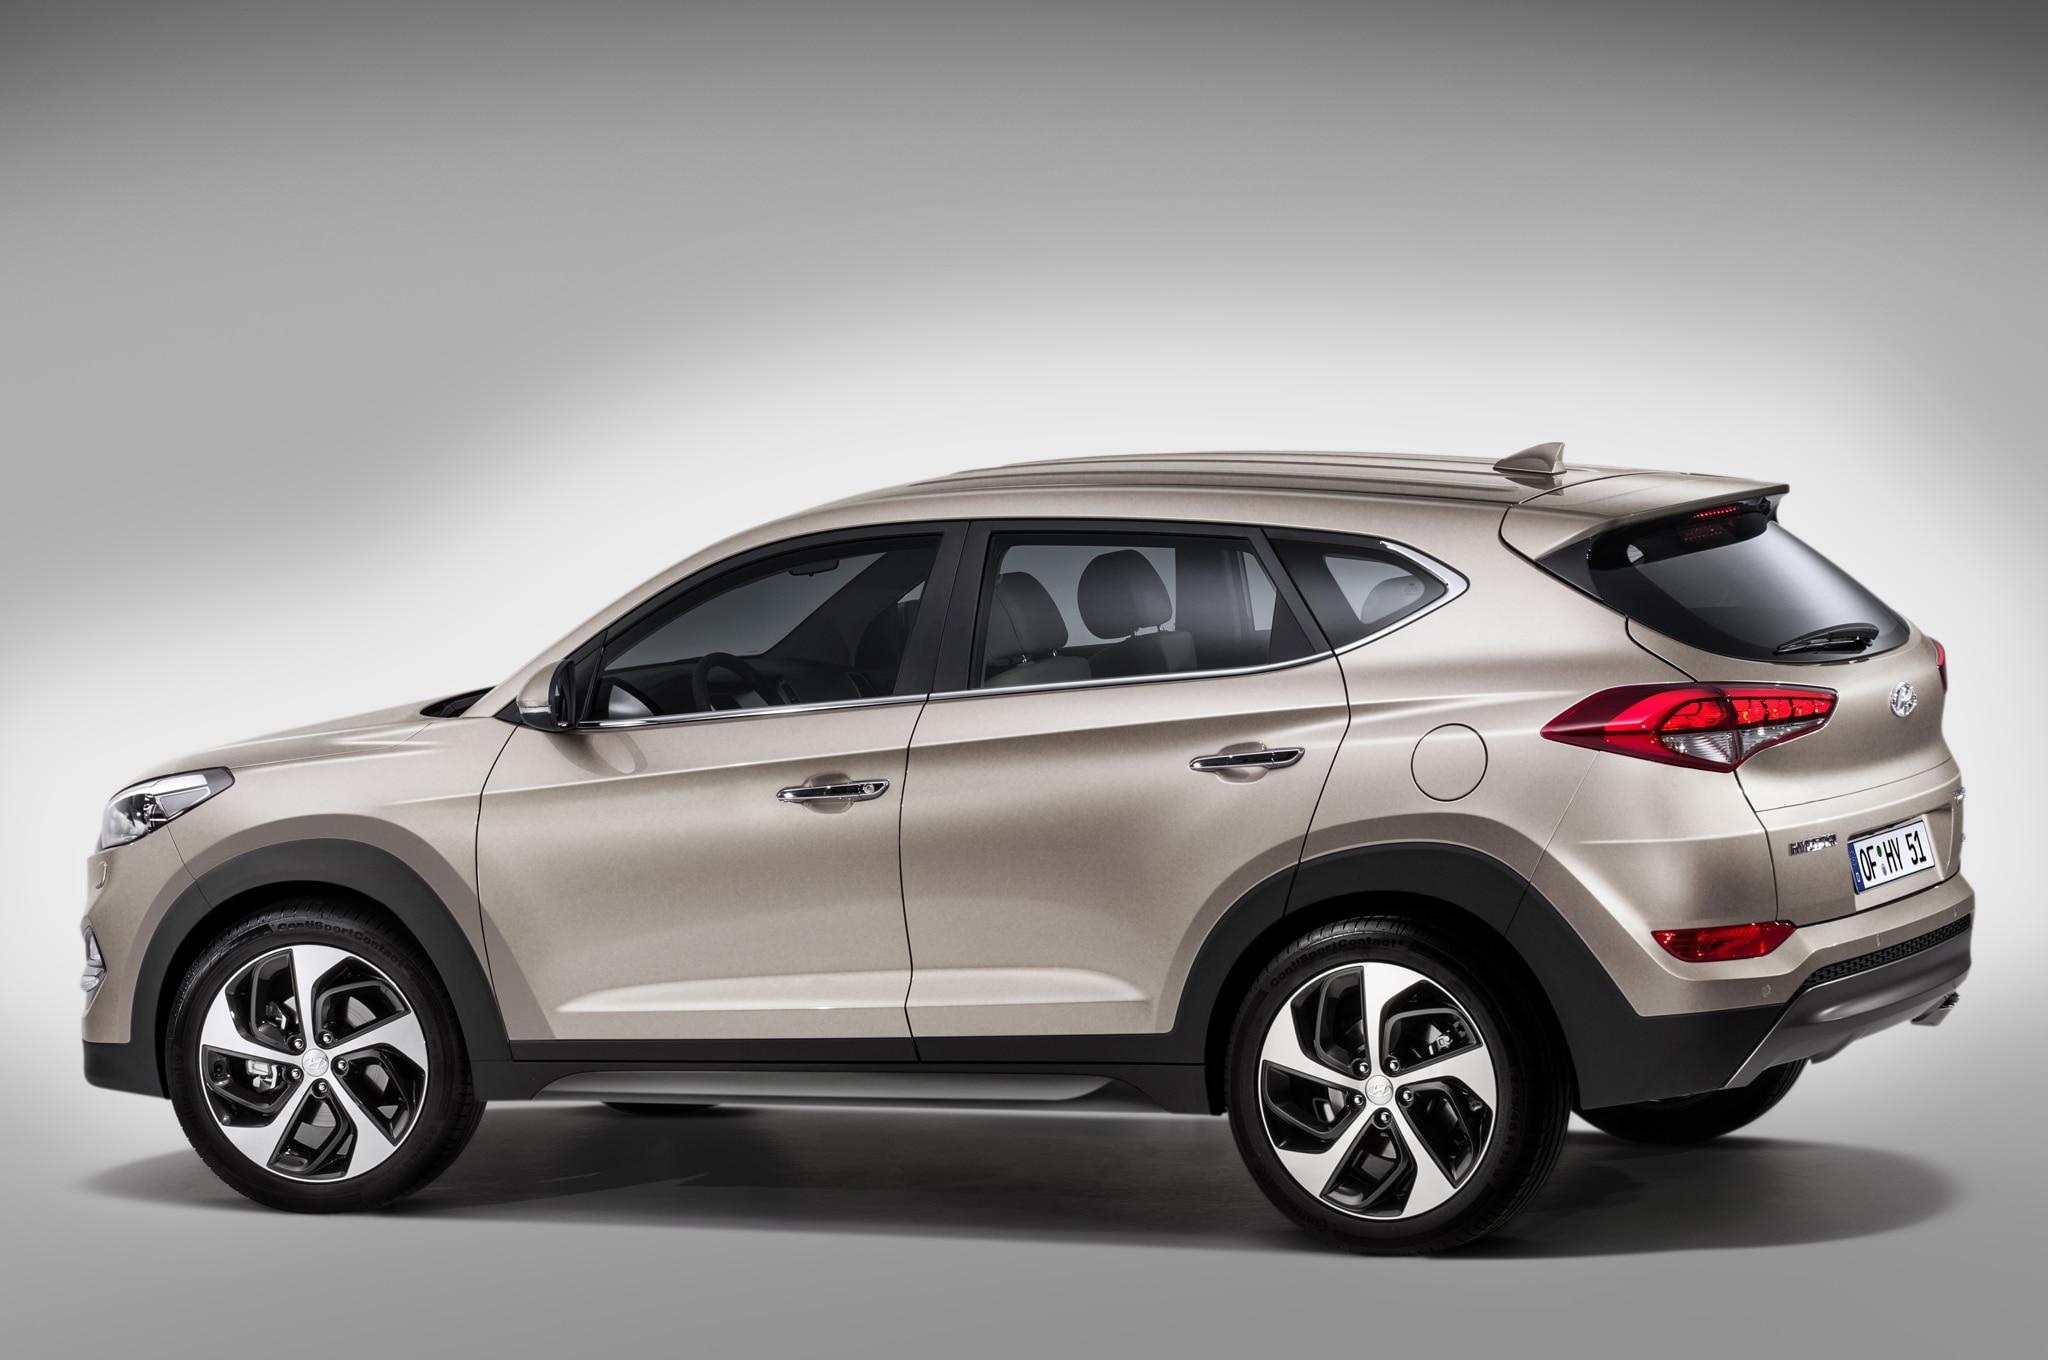 2016 Hyundai Tucson Revealed In Europe